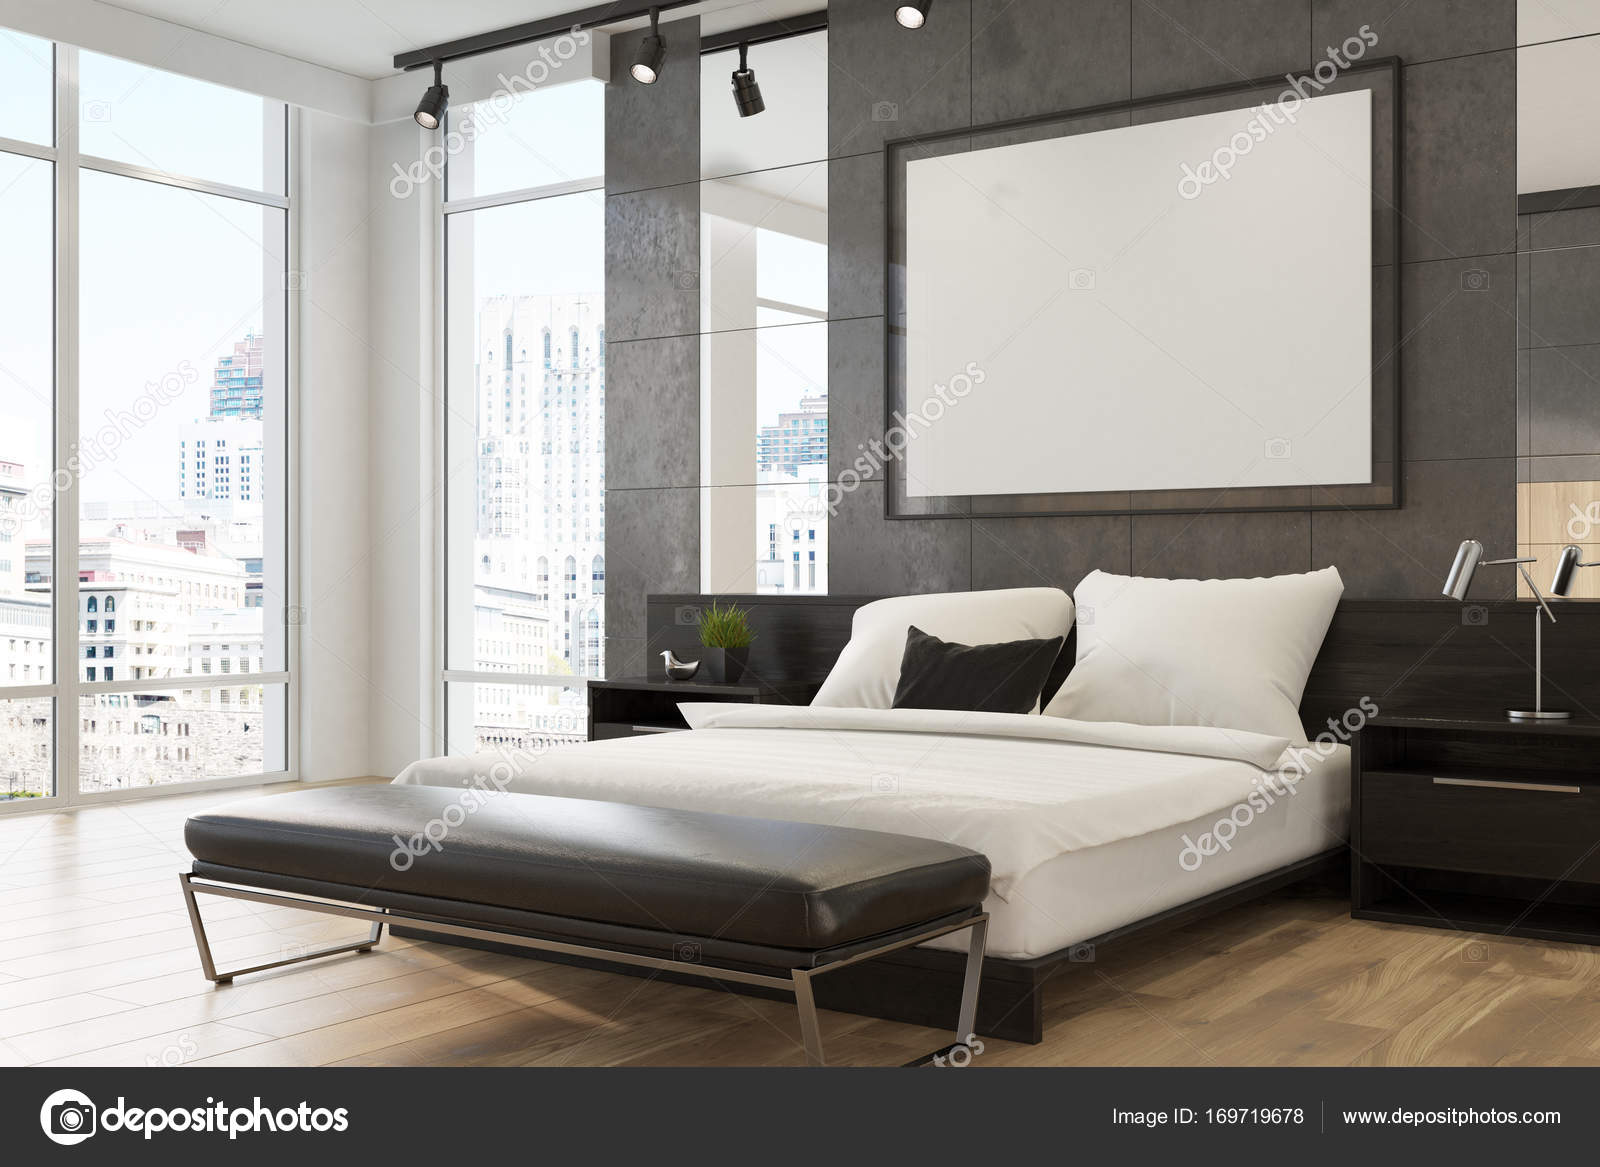 grijze luxe slaapkamer interieur poster stockfoto